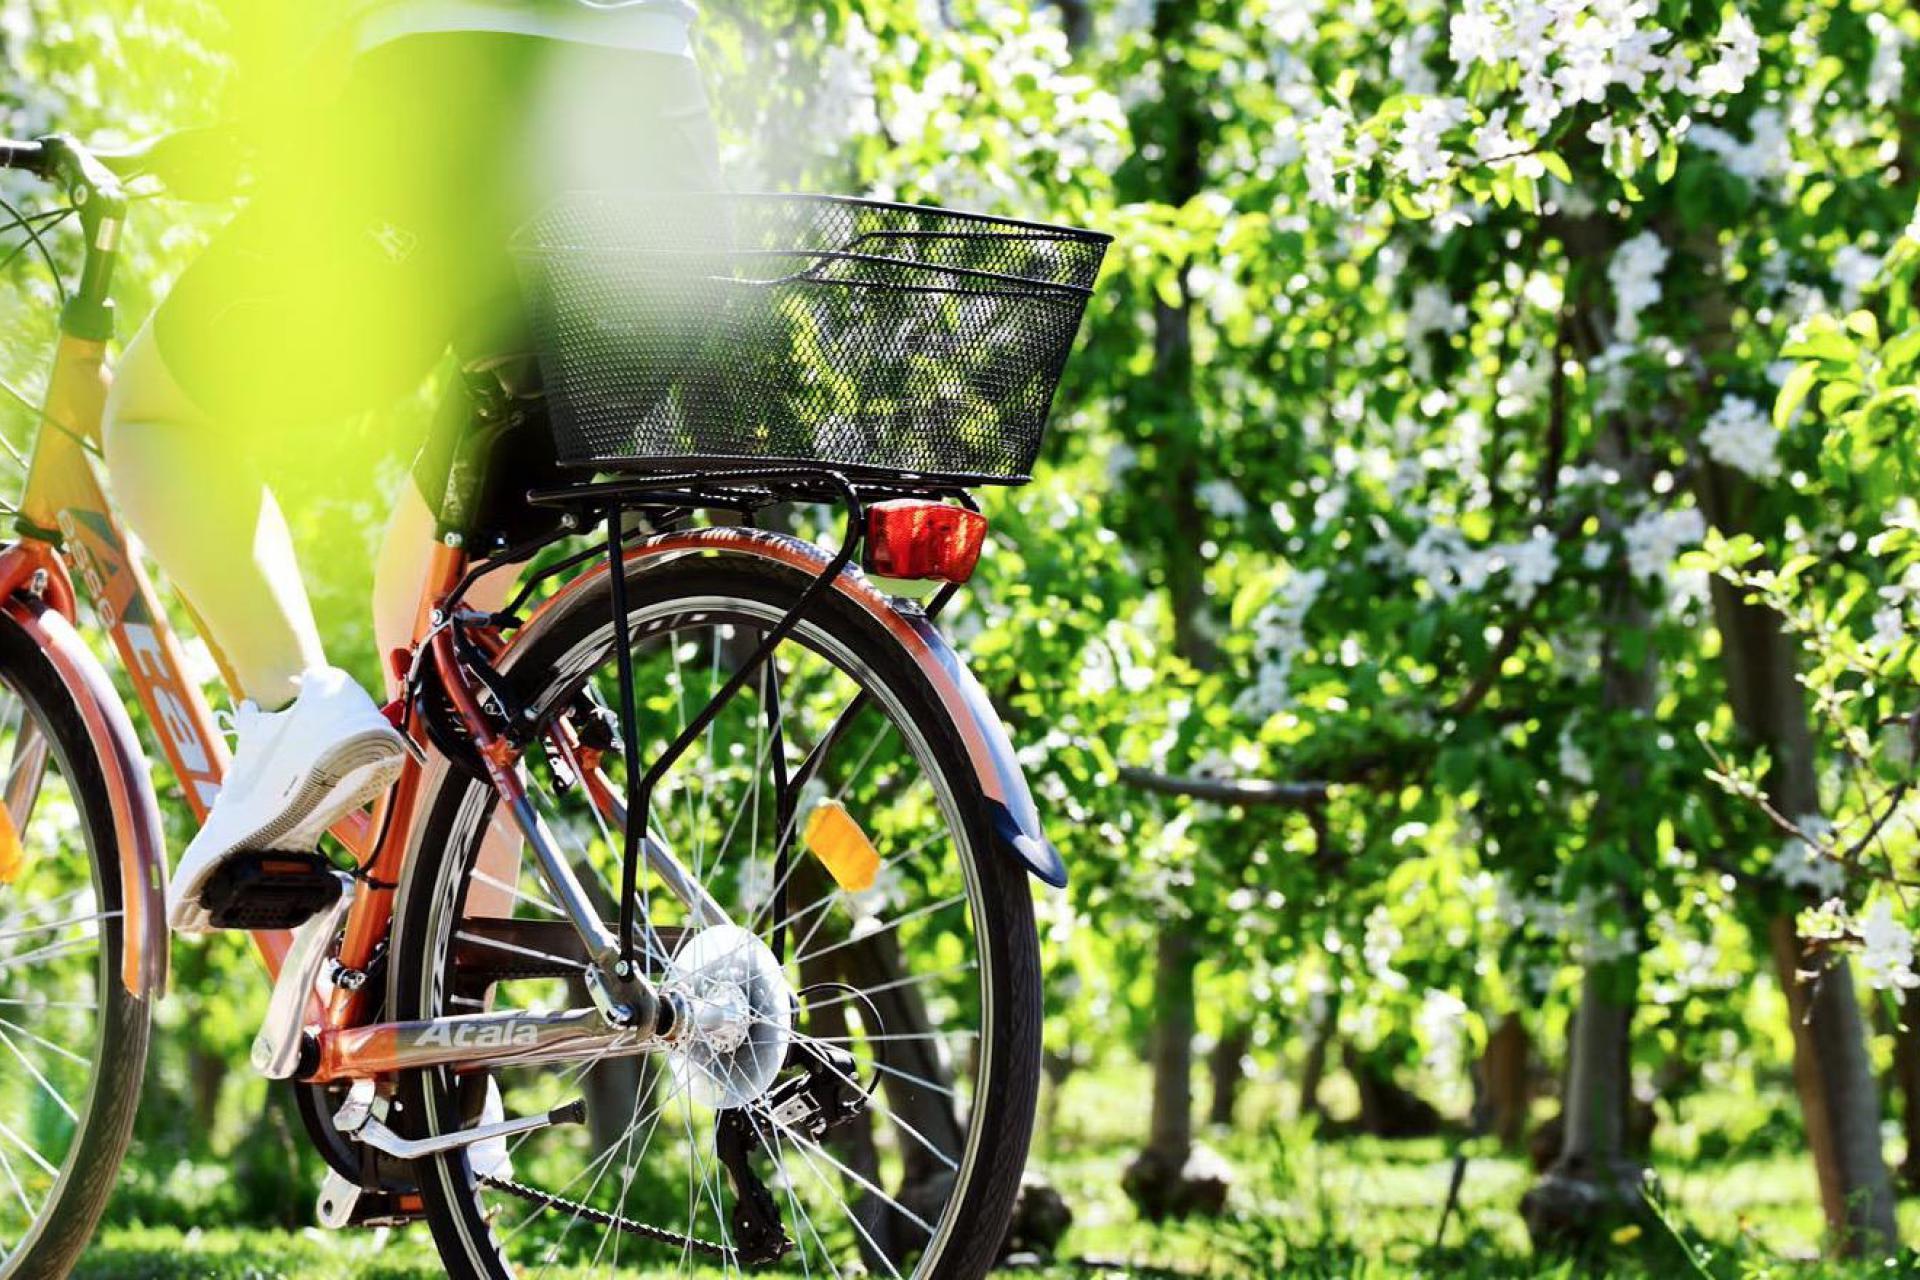 Agriturismo Dolomiten Gemütliches Agriturismo in einem Apfelgarten in den Dolomiten